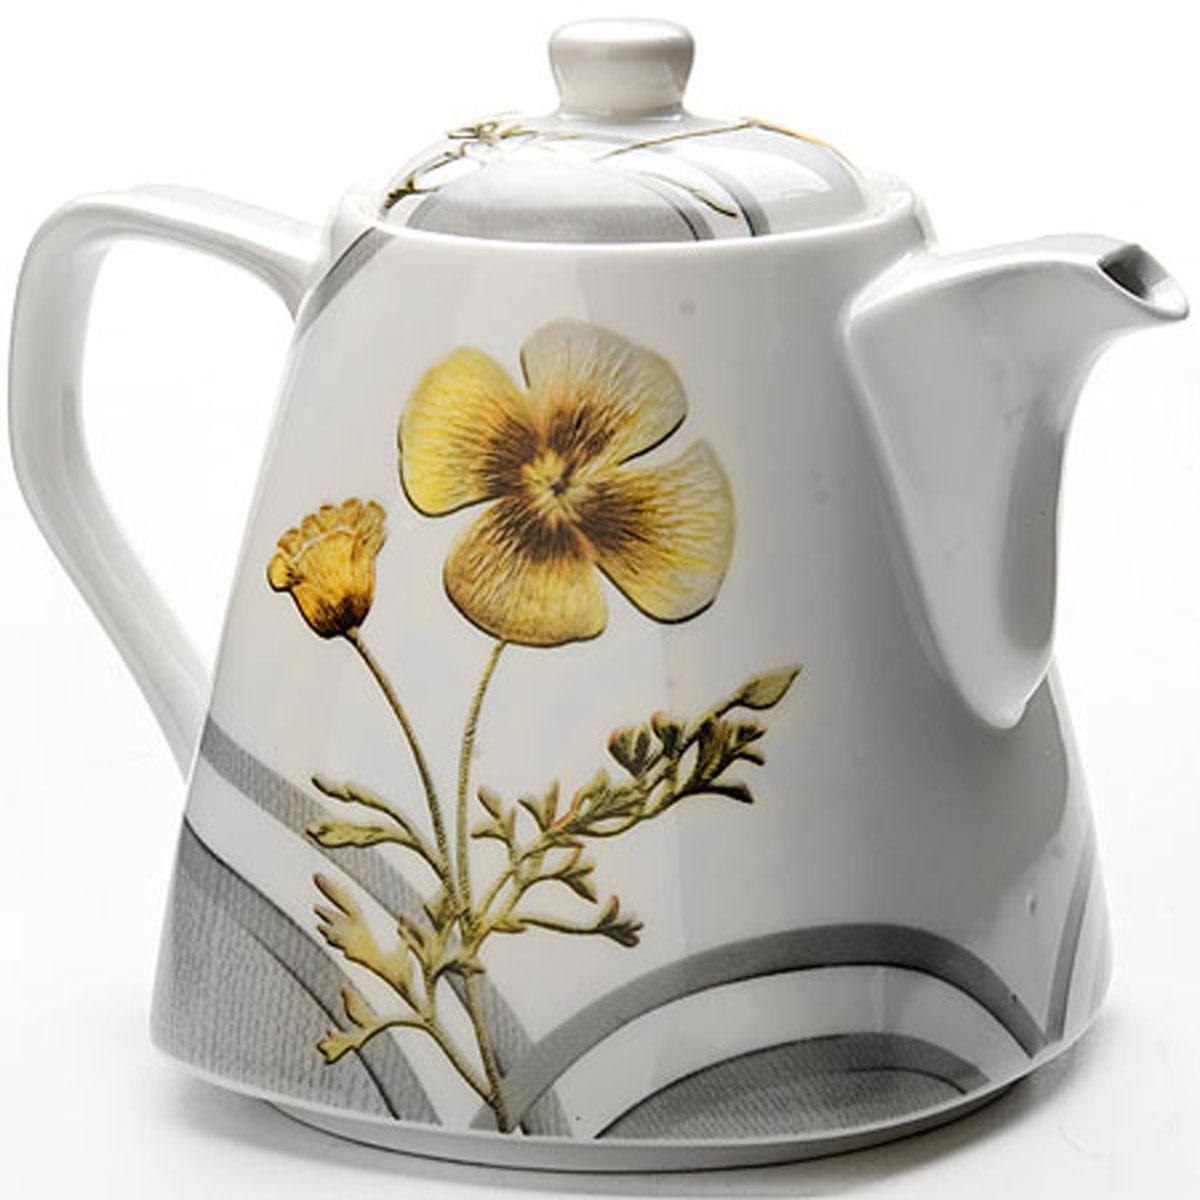 4974 Чайник заварочный 0,8л керам.LR Маки (х24)4974Заварочный чайник керамический Обьем : 0,8 л Заварочный чайник поможет вам в приготовлении вкусного и ароматного чая, а также станет украшением вашей кухни. Он изготовлен из высококачественного фарфора и оформлен красочным изображением. Яркий цветочный рисунок придает чайнику особый шарм, он удобен в использовании и понравится каждому. Такой заварочный чайник станет приятным и практичным подарком на любой праздник.